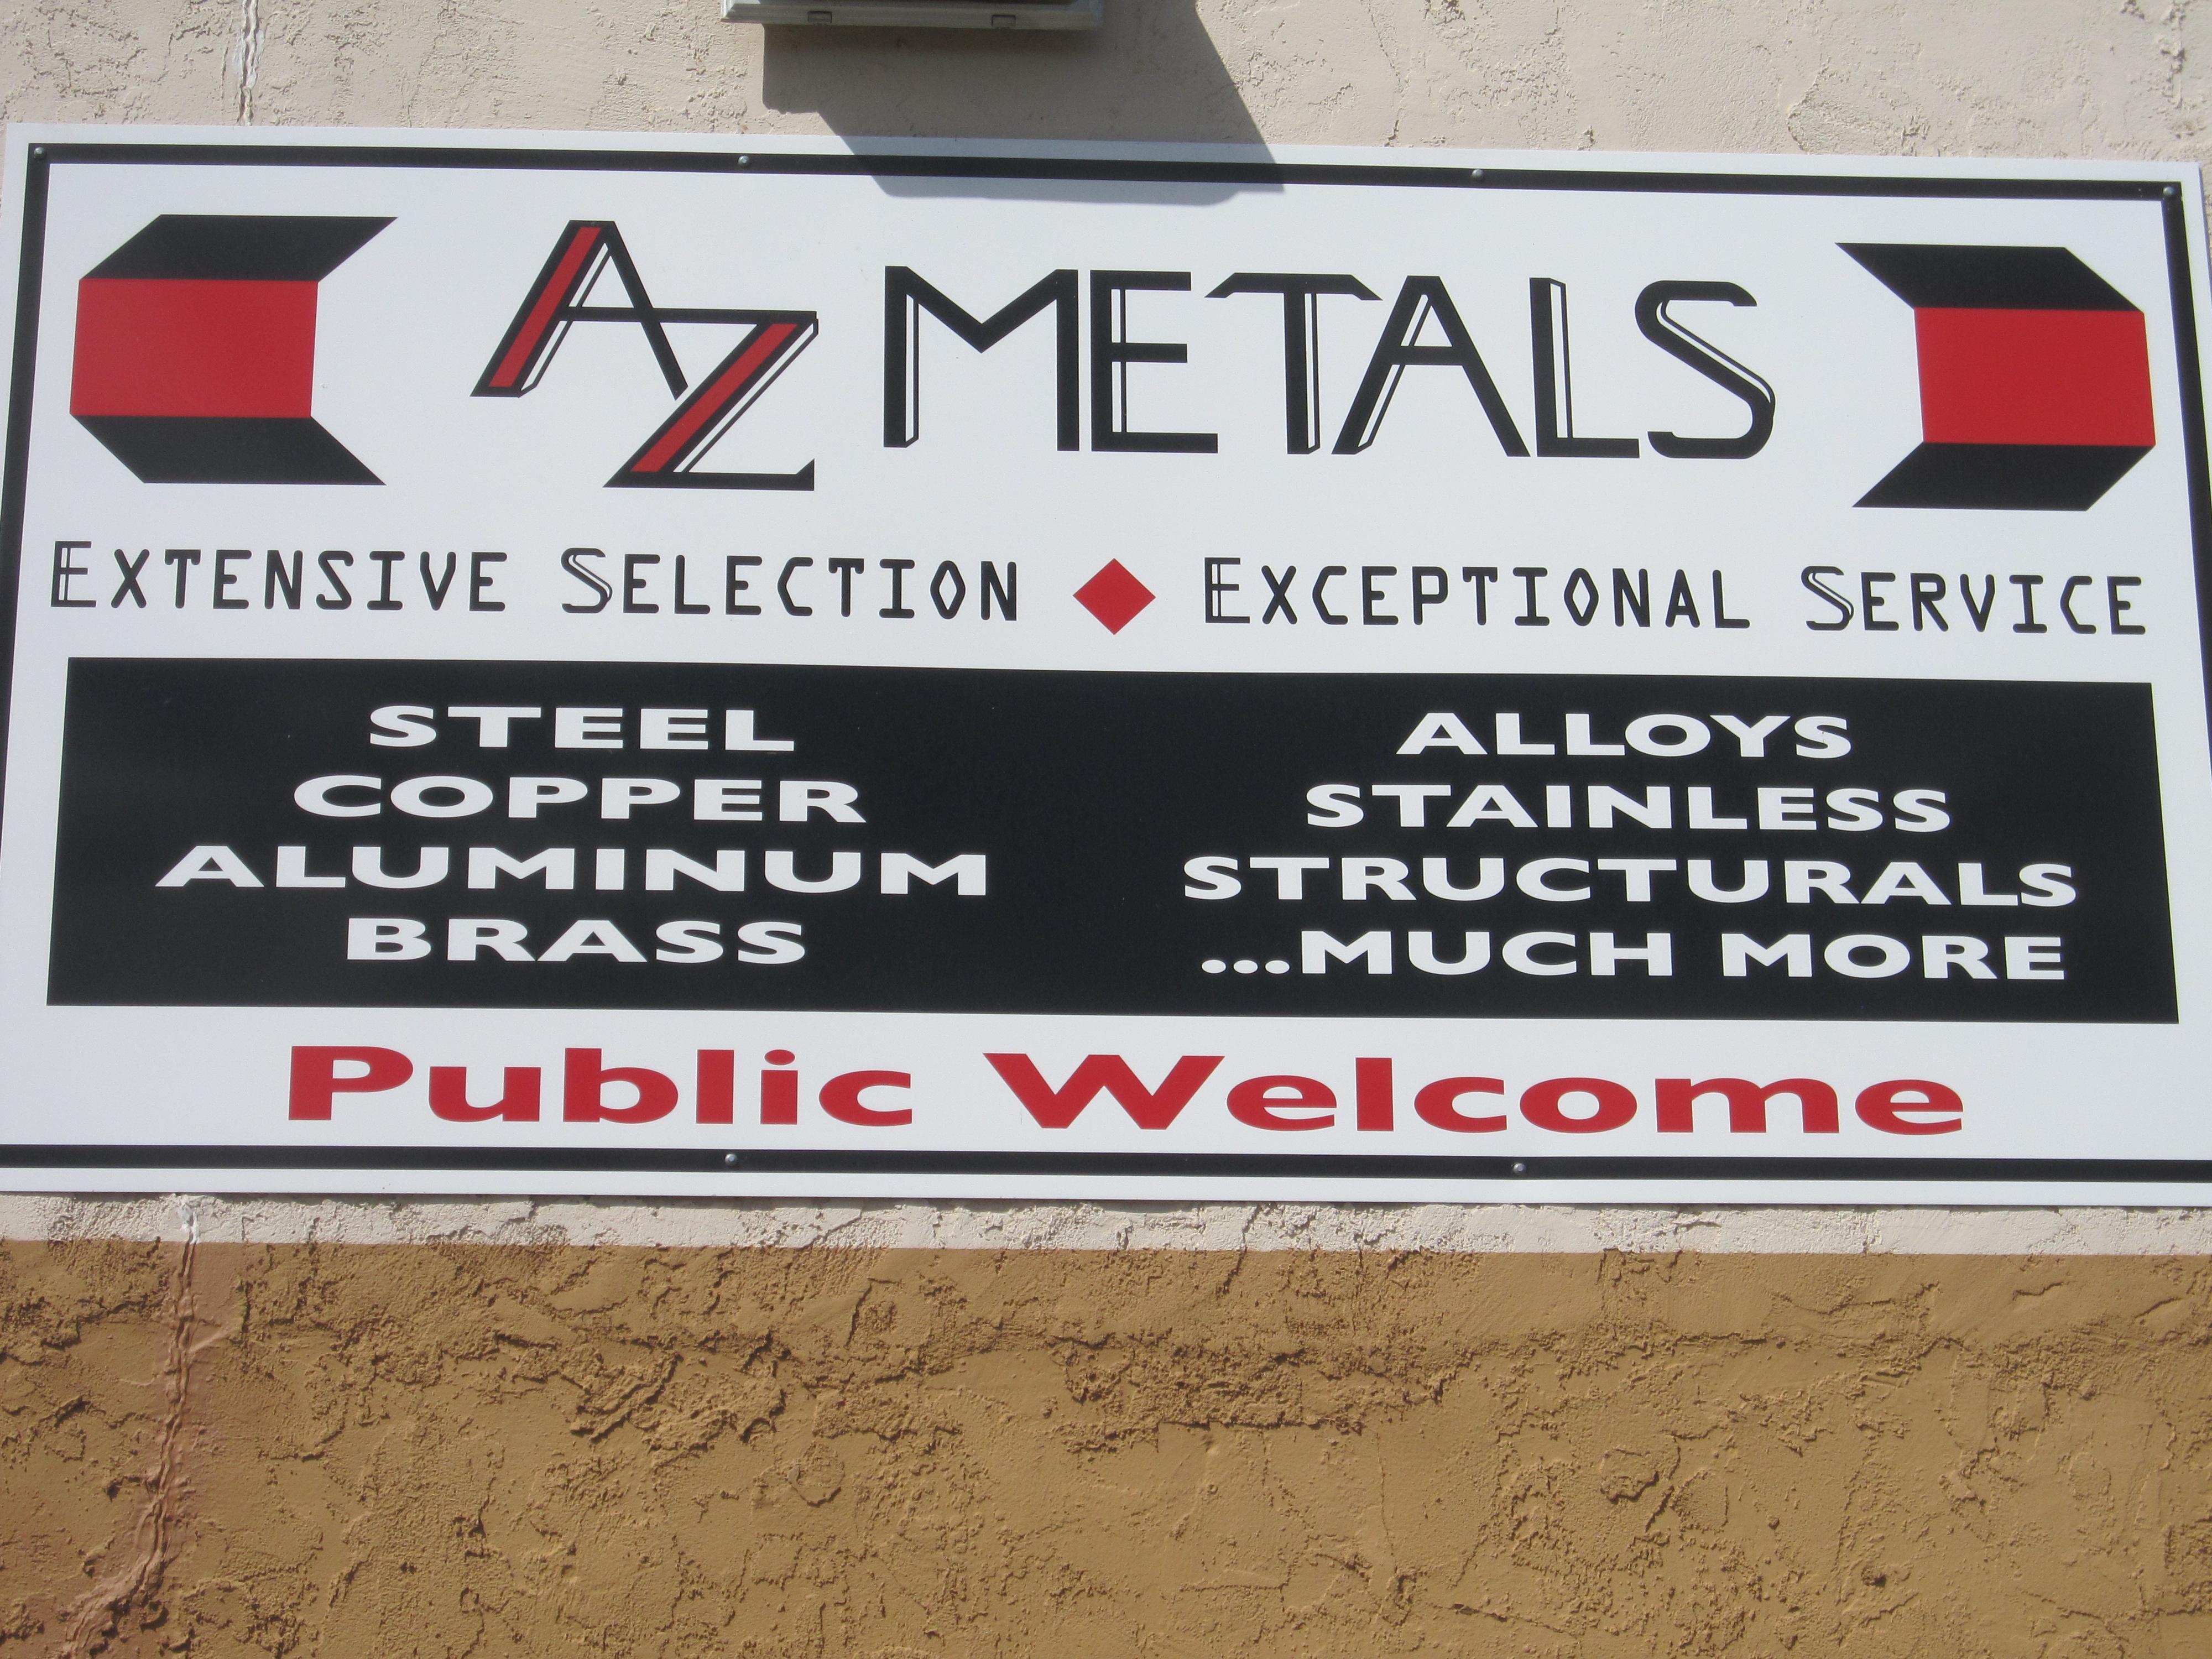 AZ Metals image 19